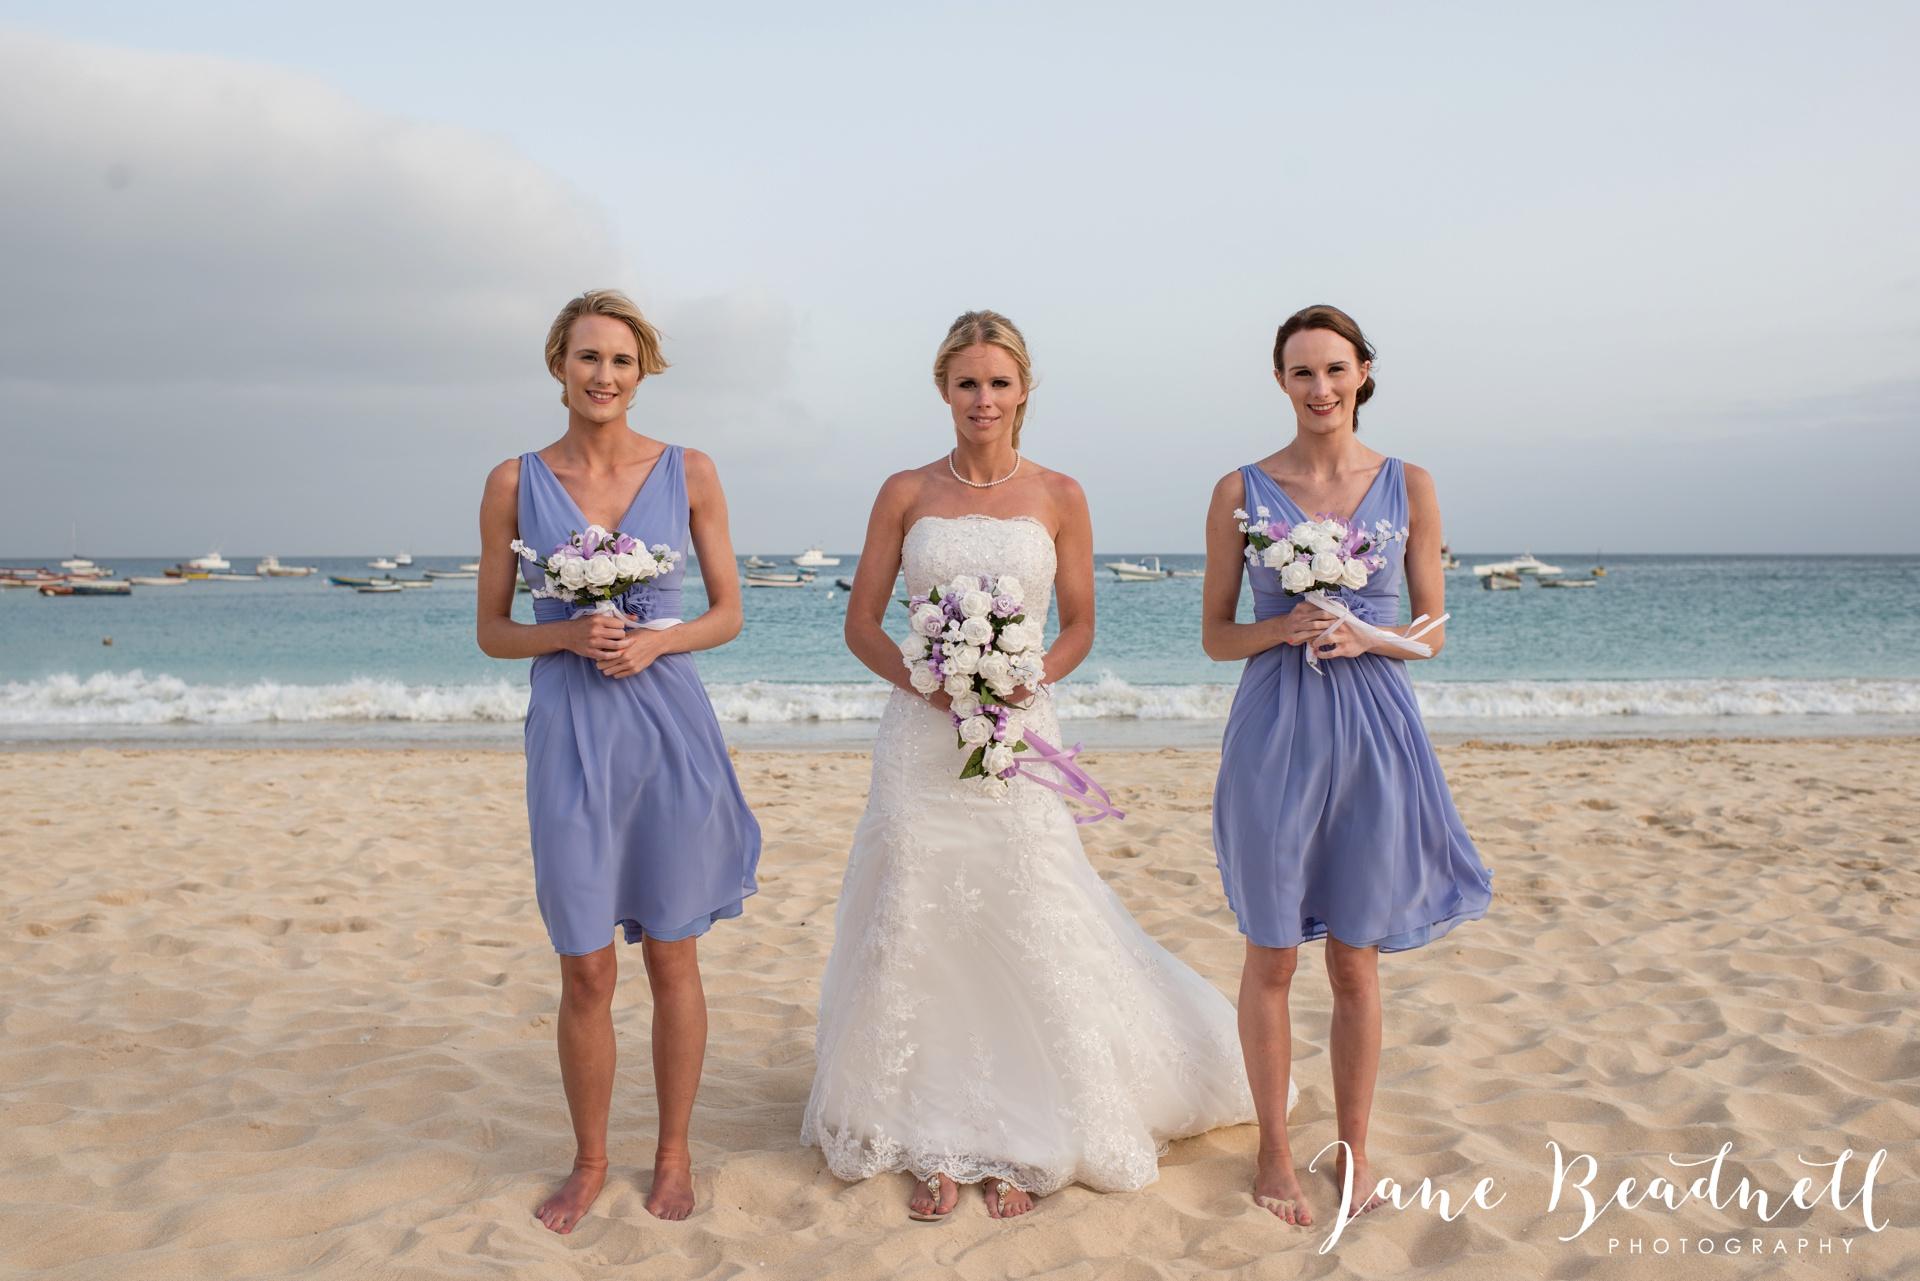 Jane Beadnell fine art wedding photographer Leeds Destination wedding photographer_0022